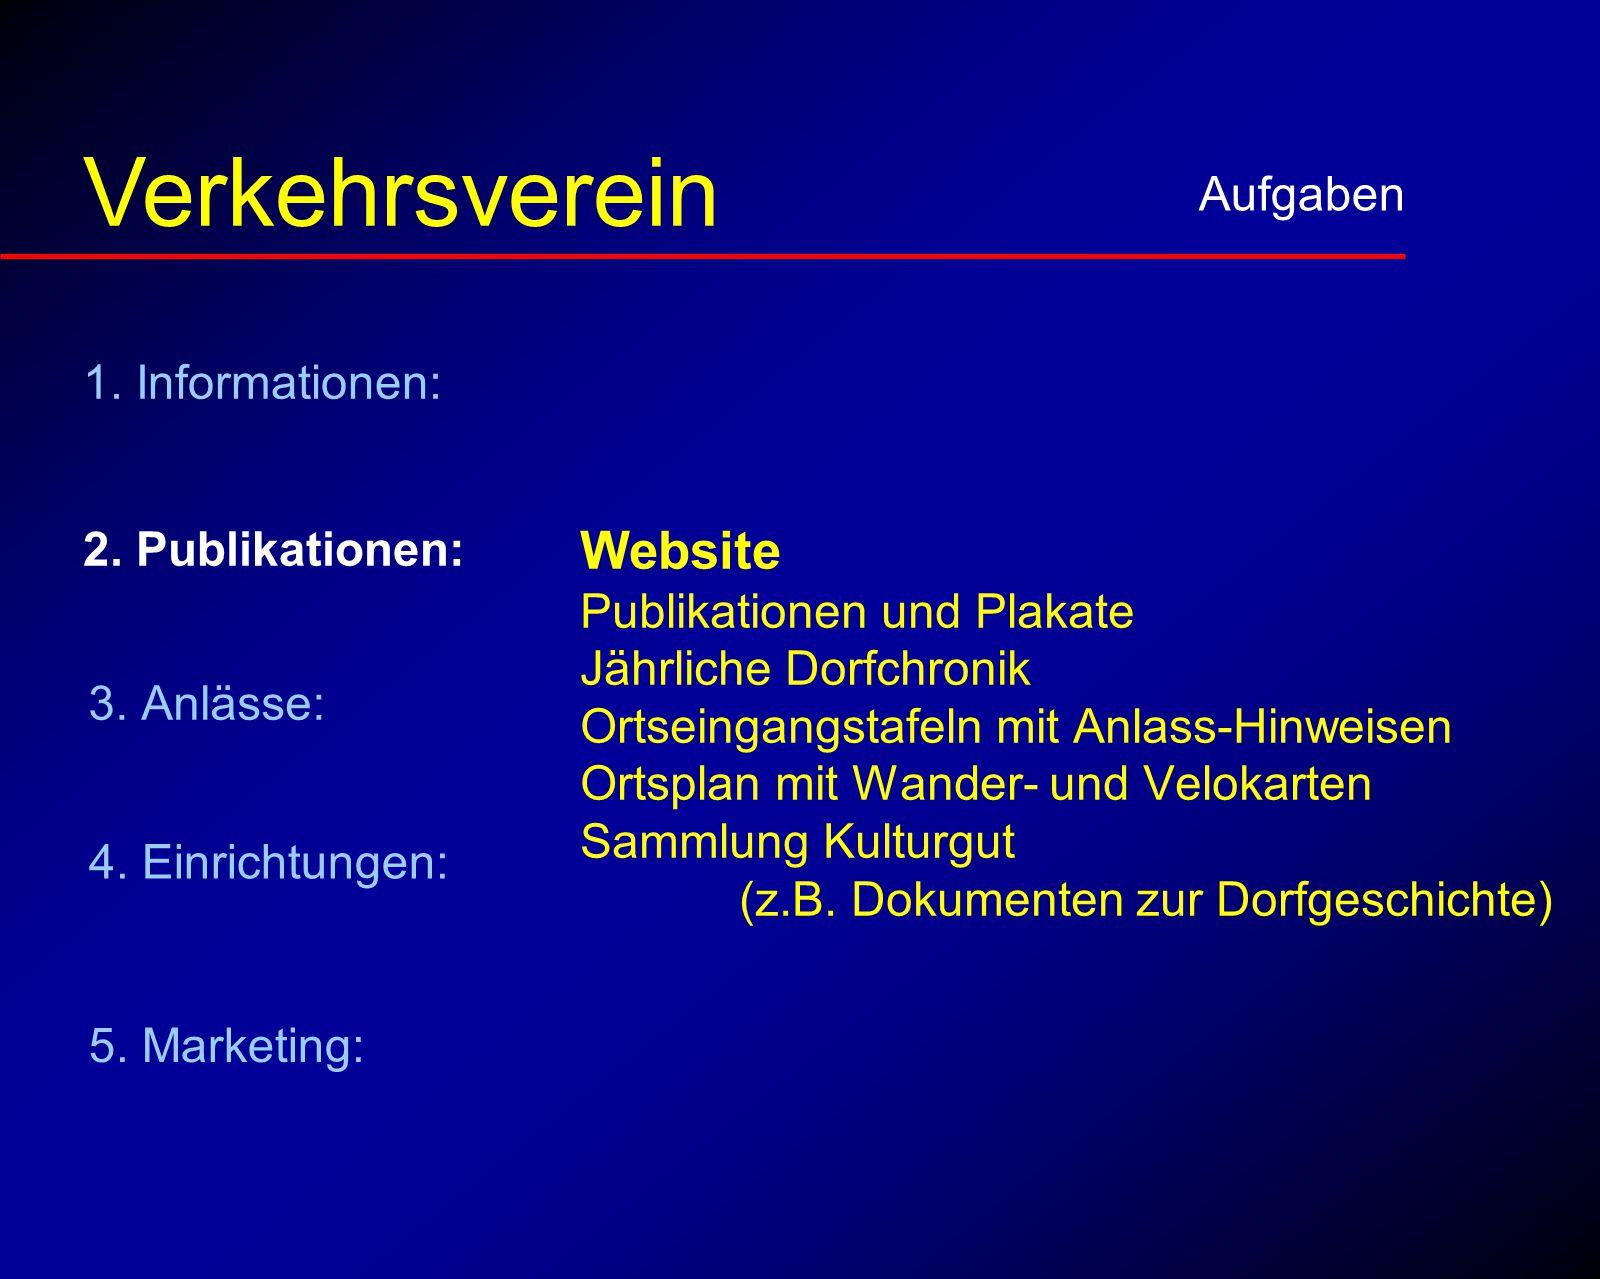 Publikationen Aufgaben Verkehrsverein Website Publikationen und Plakate Jährliche Dorfchronik Ortseingangstafeln mit Anlass-Hinweisen Ortsplan mit Wander- und Velokarten Sammlung Kulturgut (z.B.